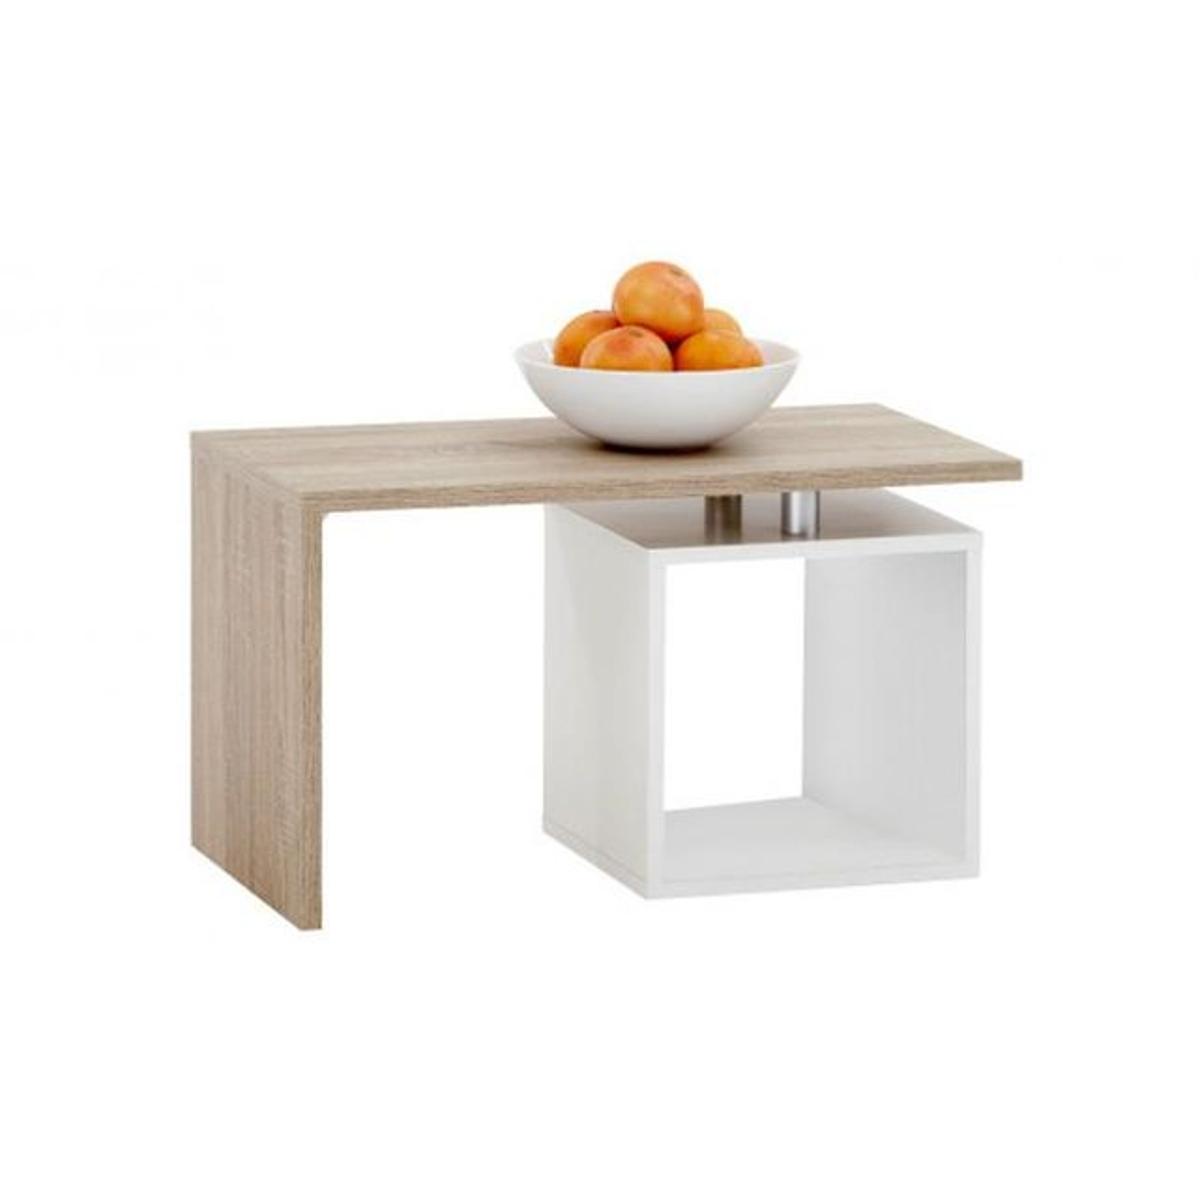 Table basse BARZY Chêne-Blanc